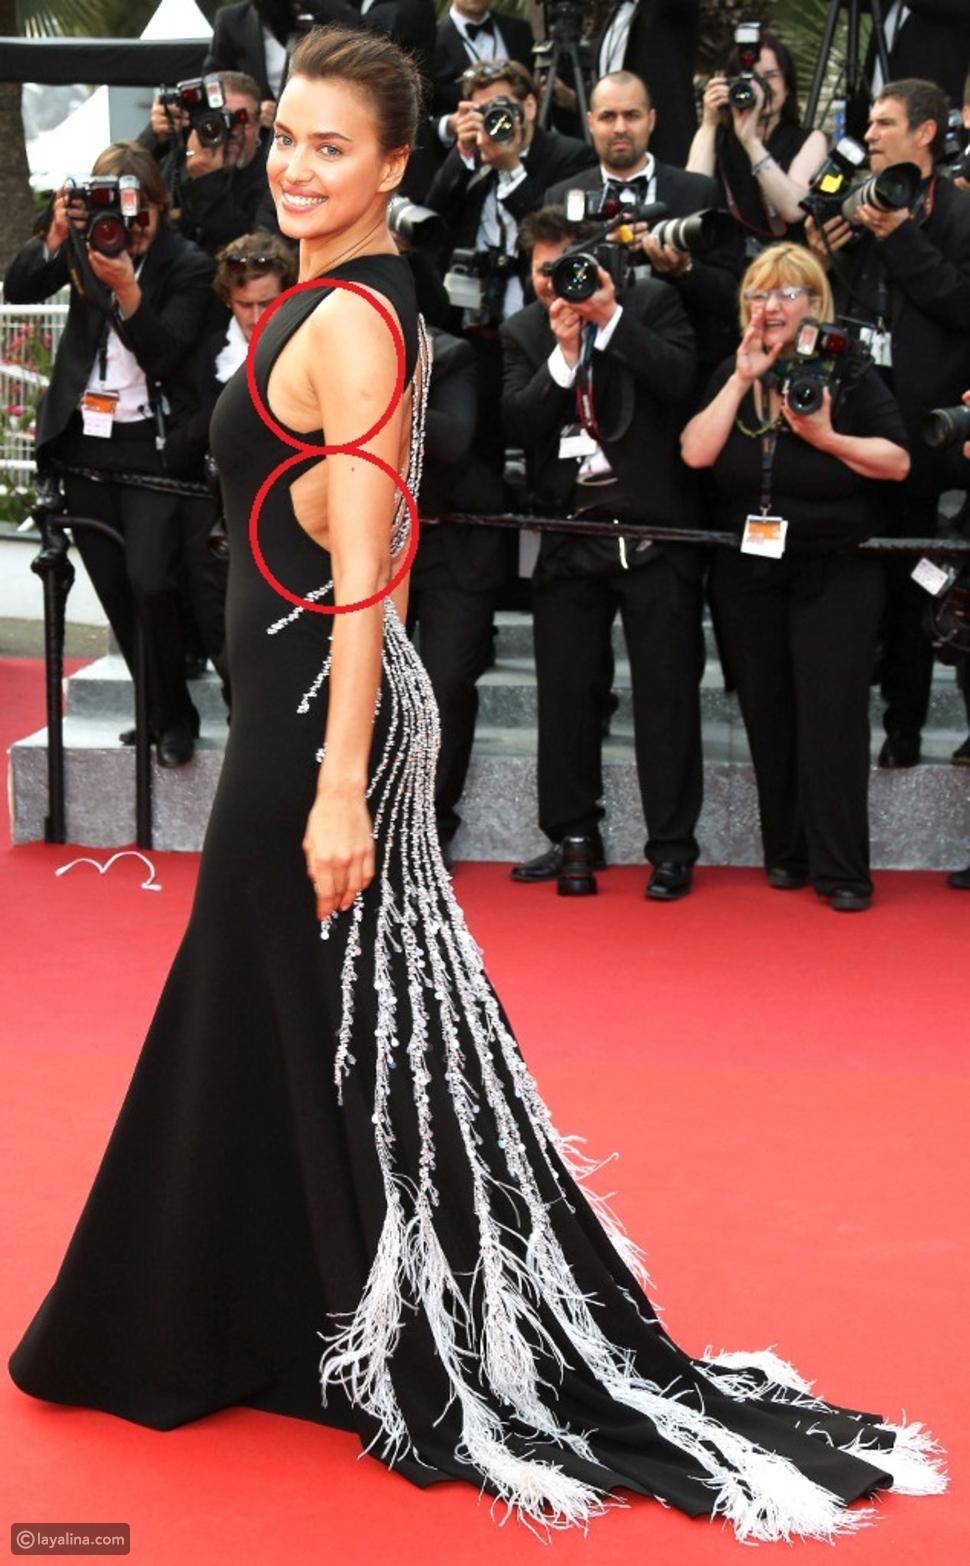 صور تظهر ترهلات صادمة لدى إيرينا شايك على السجادة الحمراء